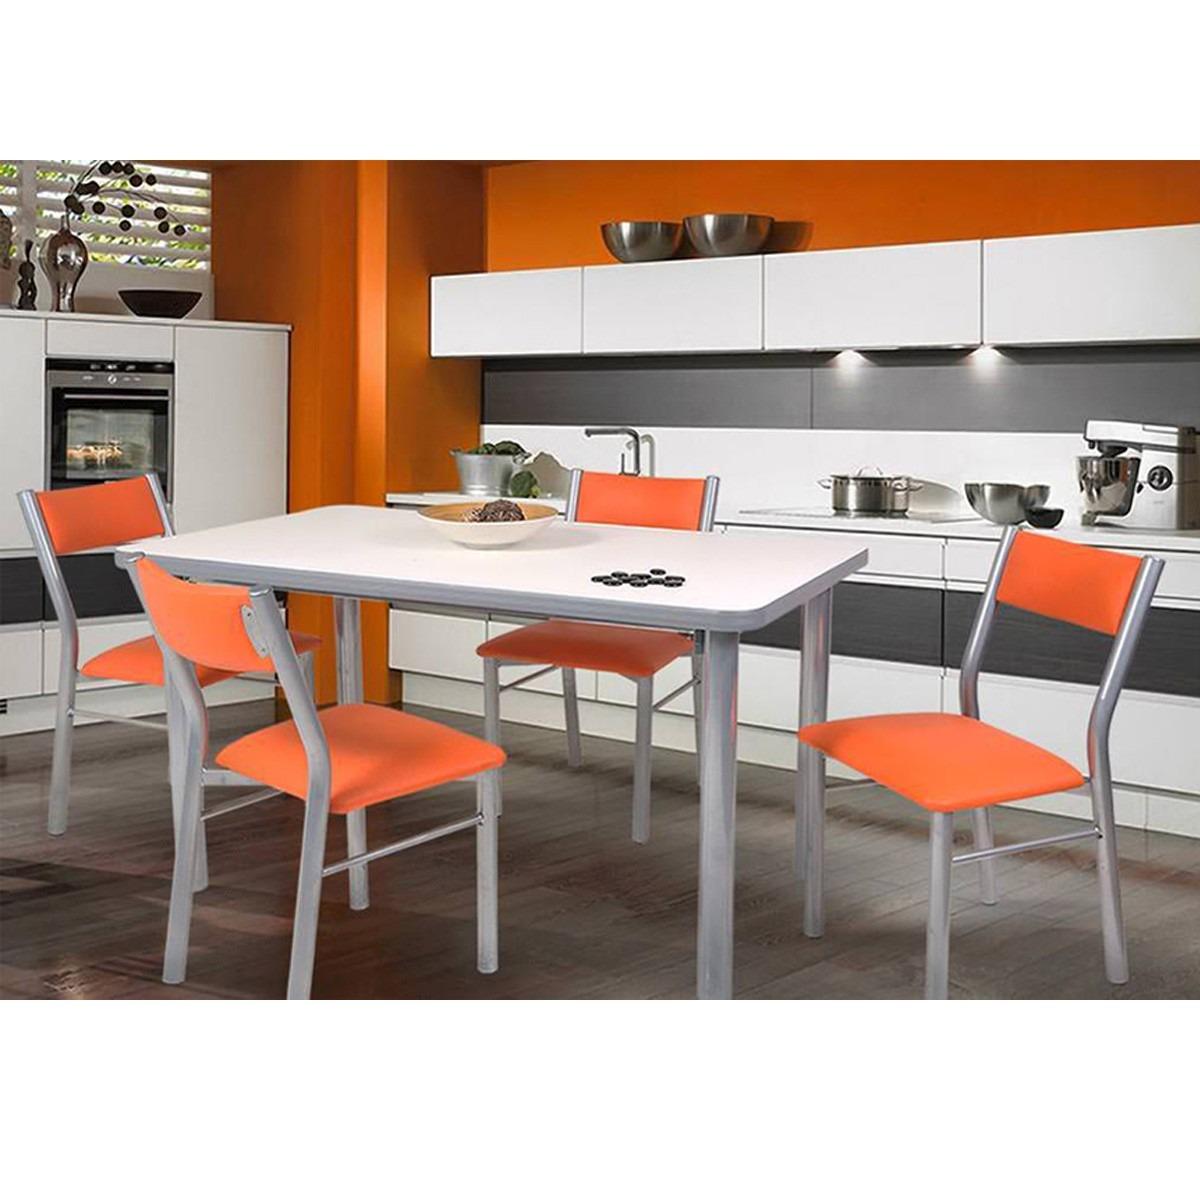 Fabrica De Mesas De Cocina | Cocinas Cocinas Y Muebles De Cocina De ...